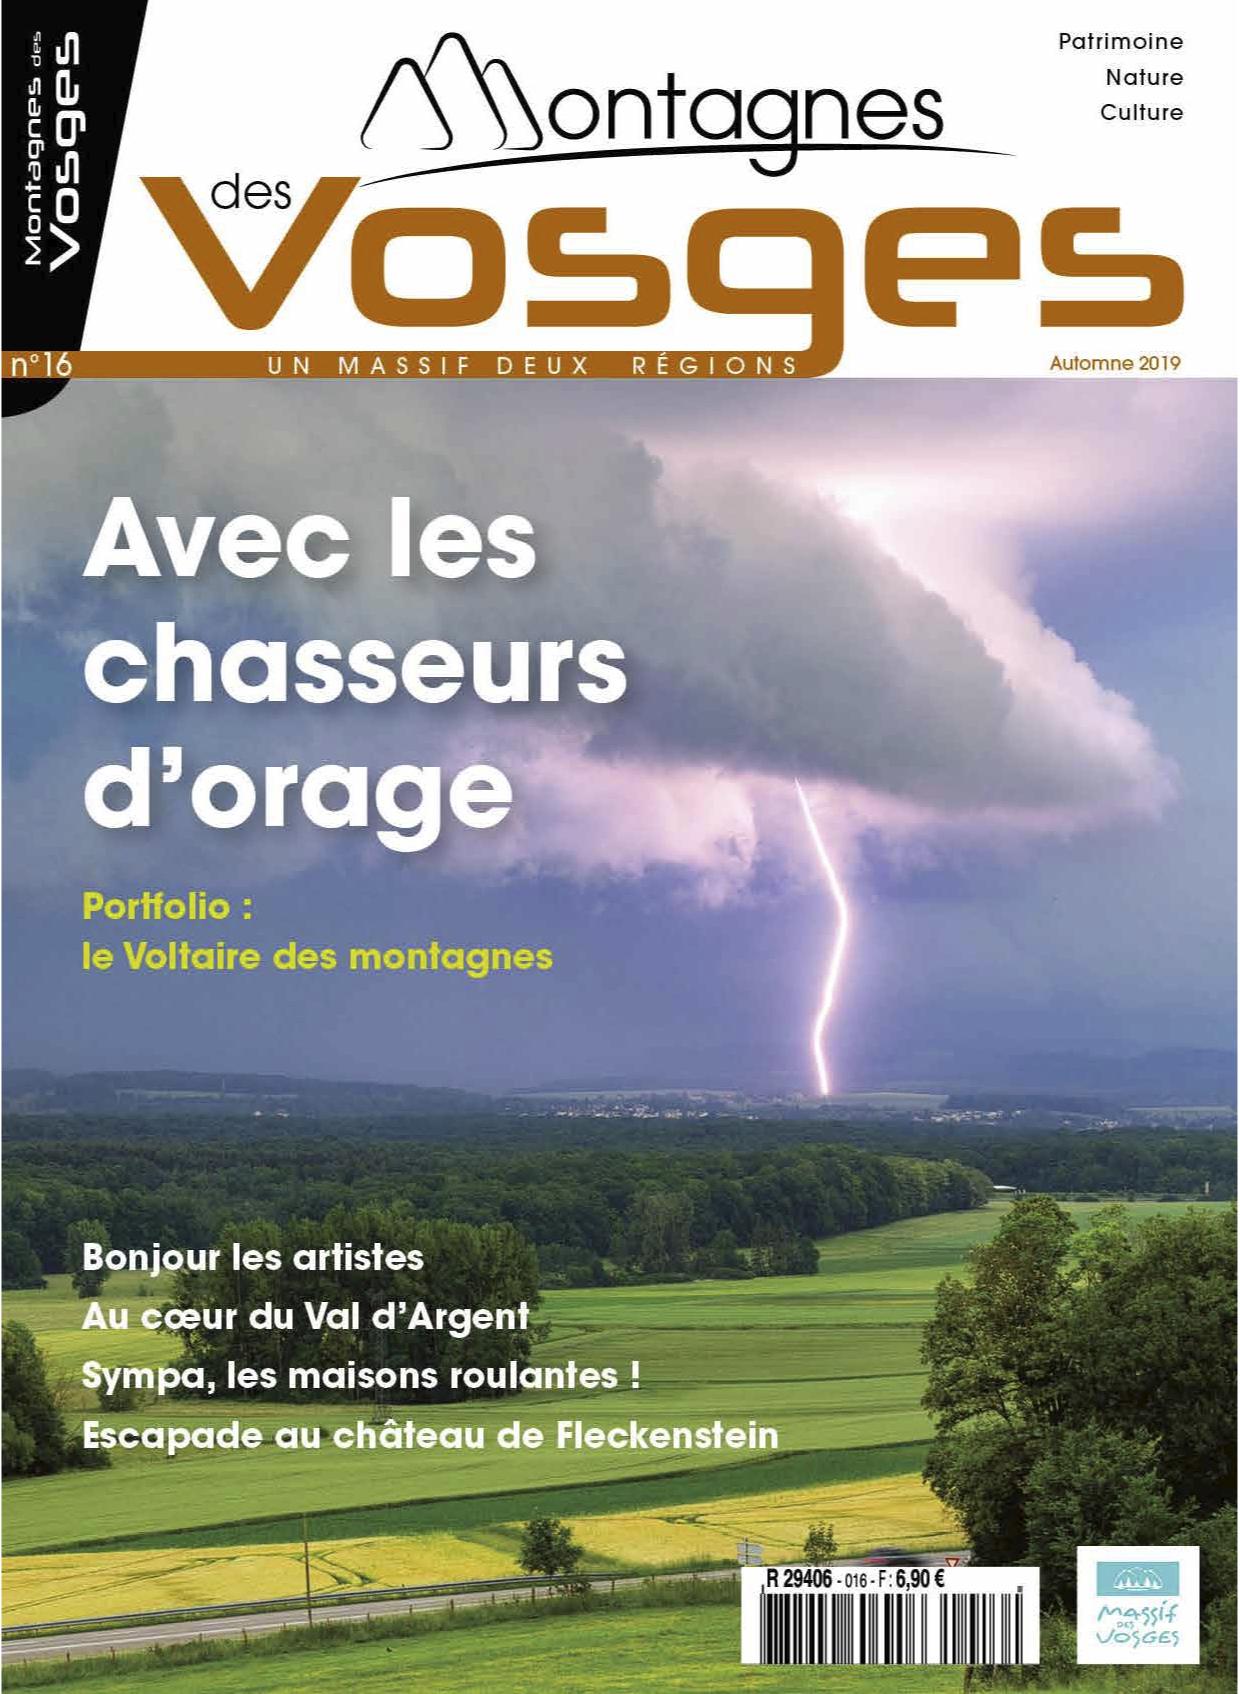 Magazine Montagnes des vosges - Automne 2019 – N° 16